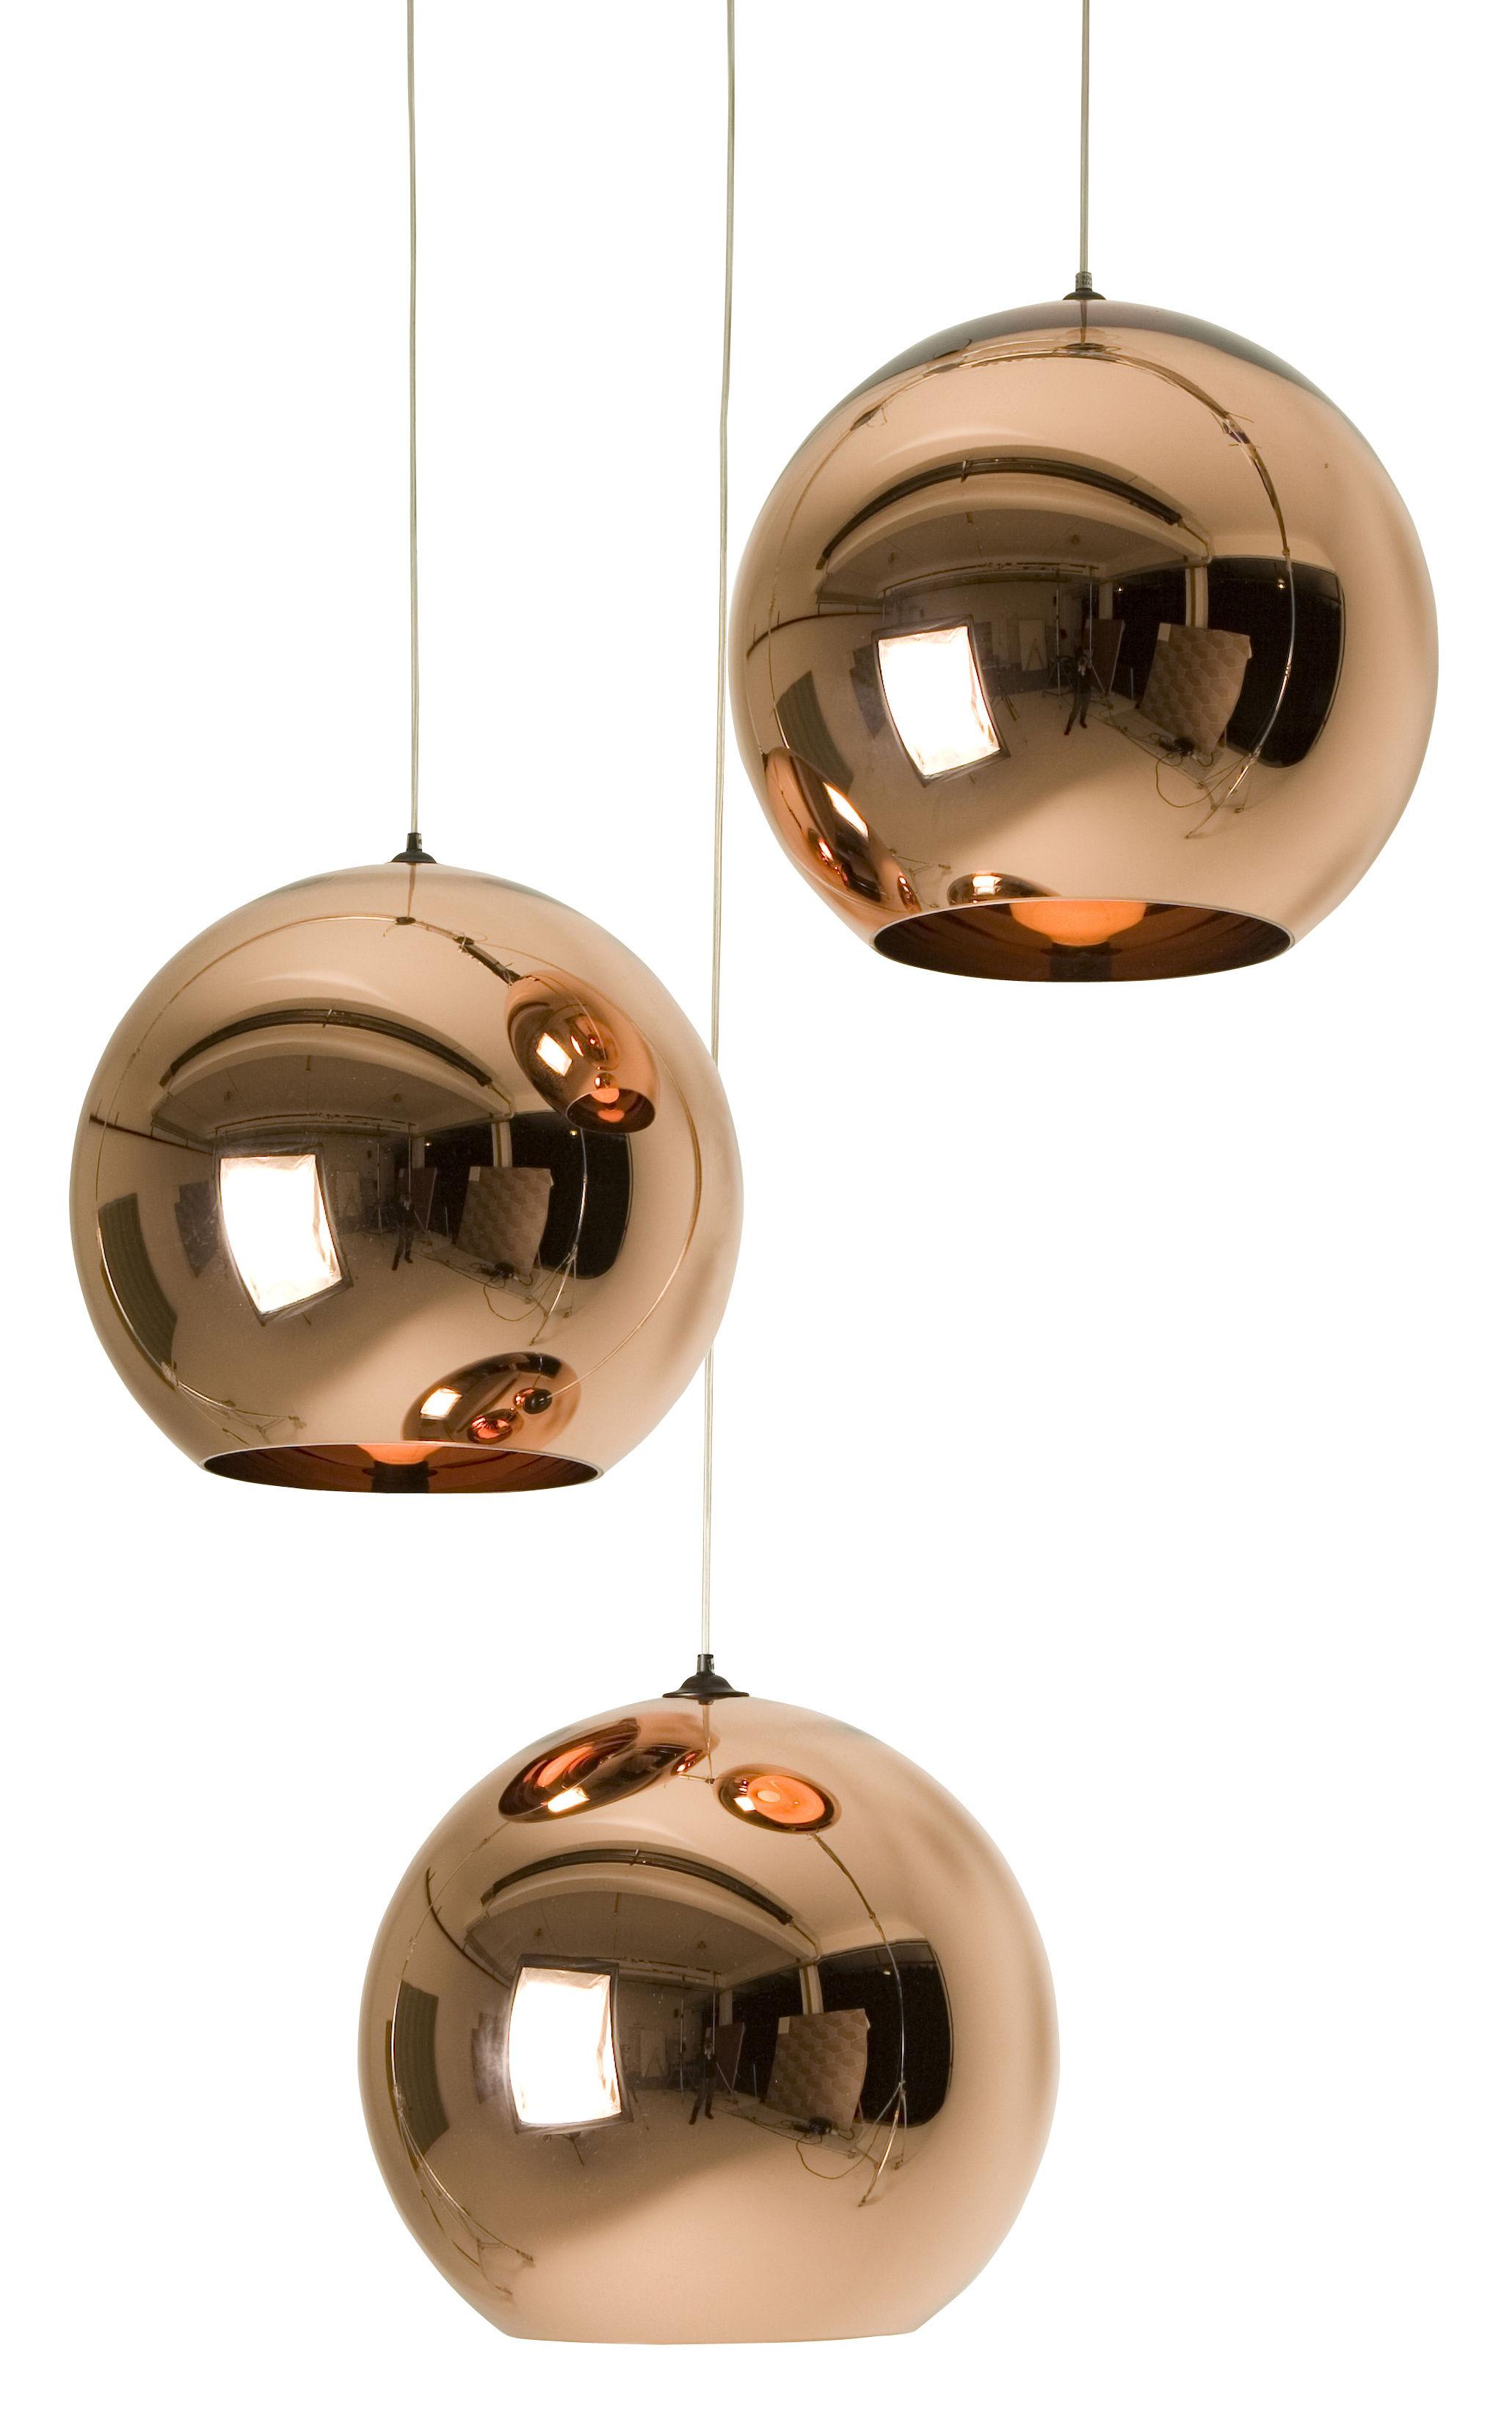 Leuchten - Pendelleuchten - Copper Round Pendelleuchte - Tom Dixon - Kupfer - Polykarbonat